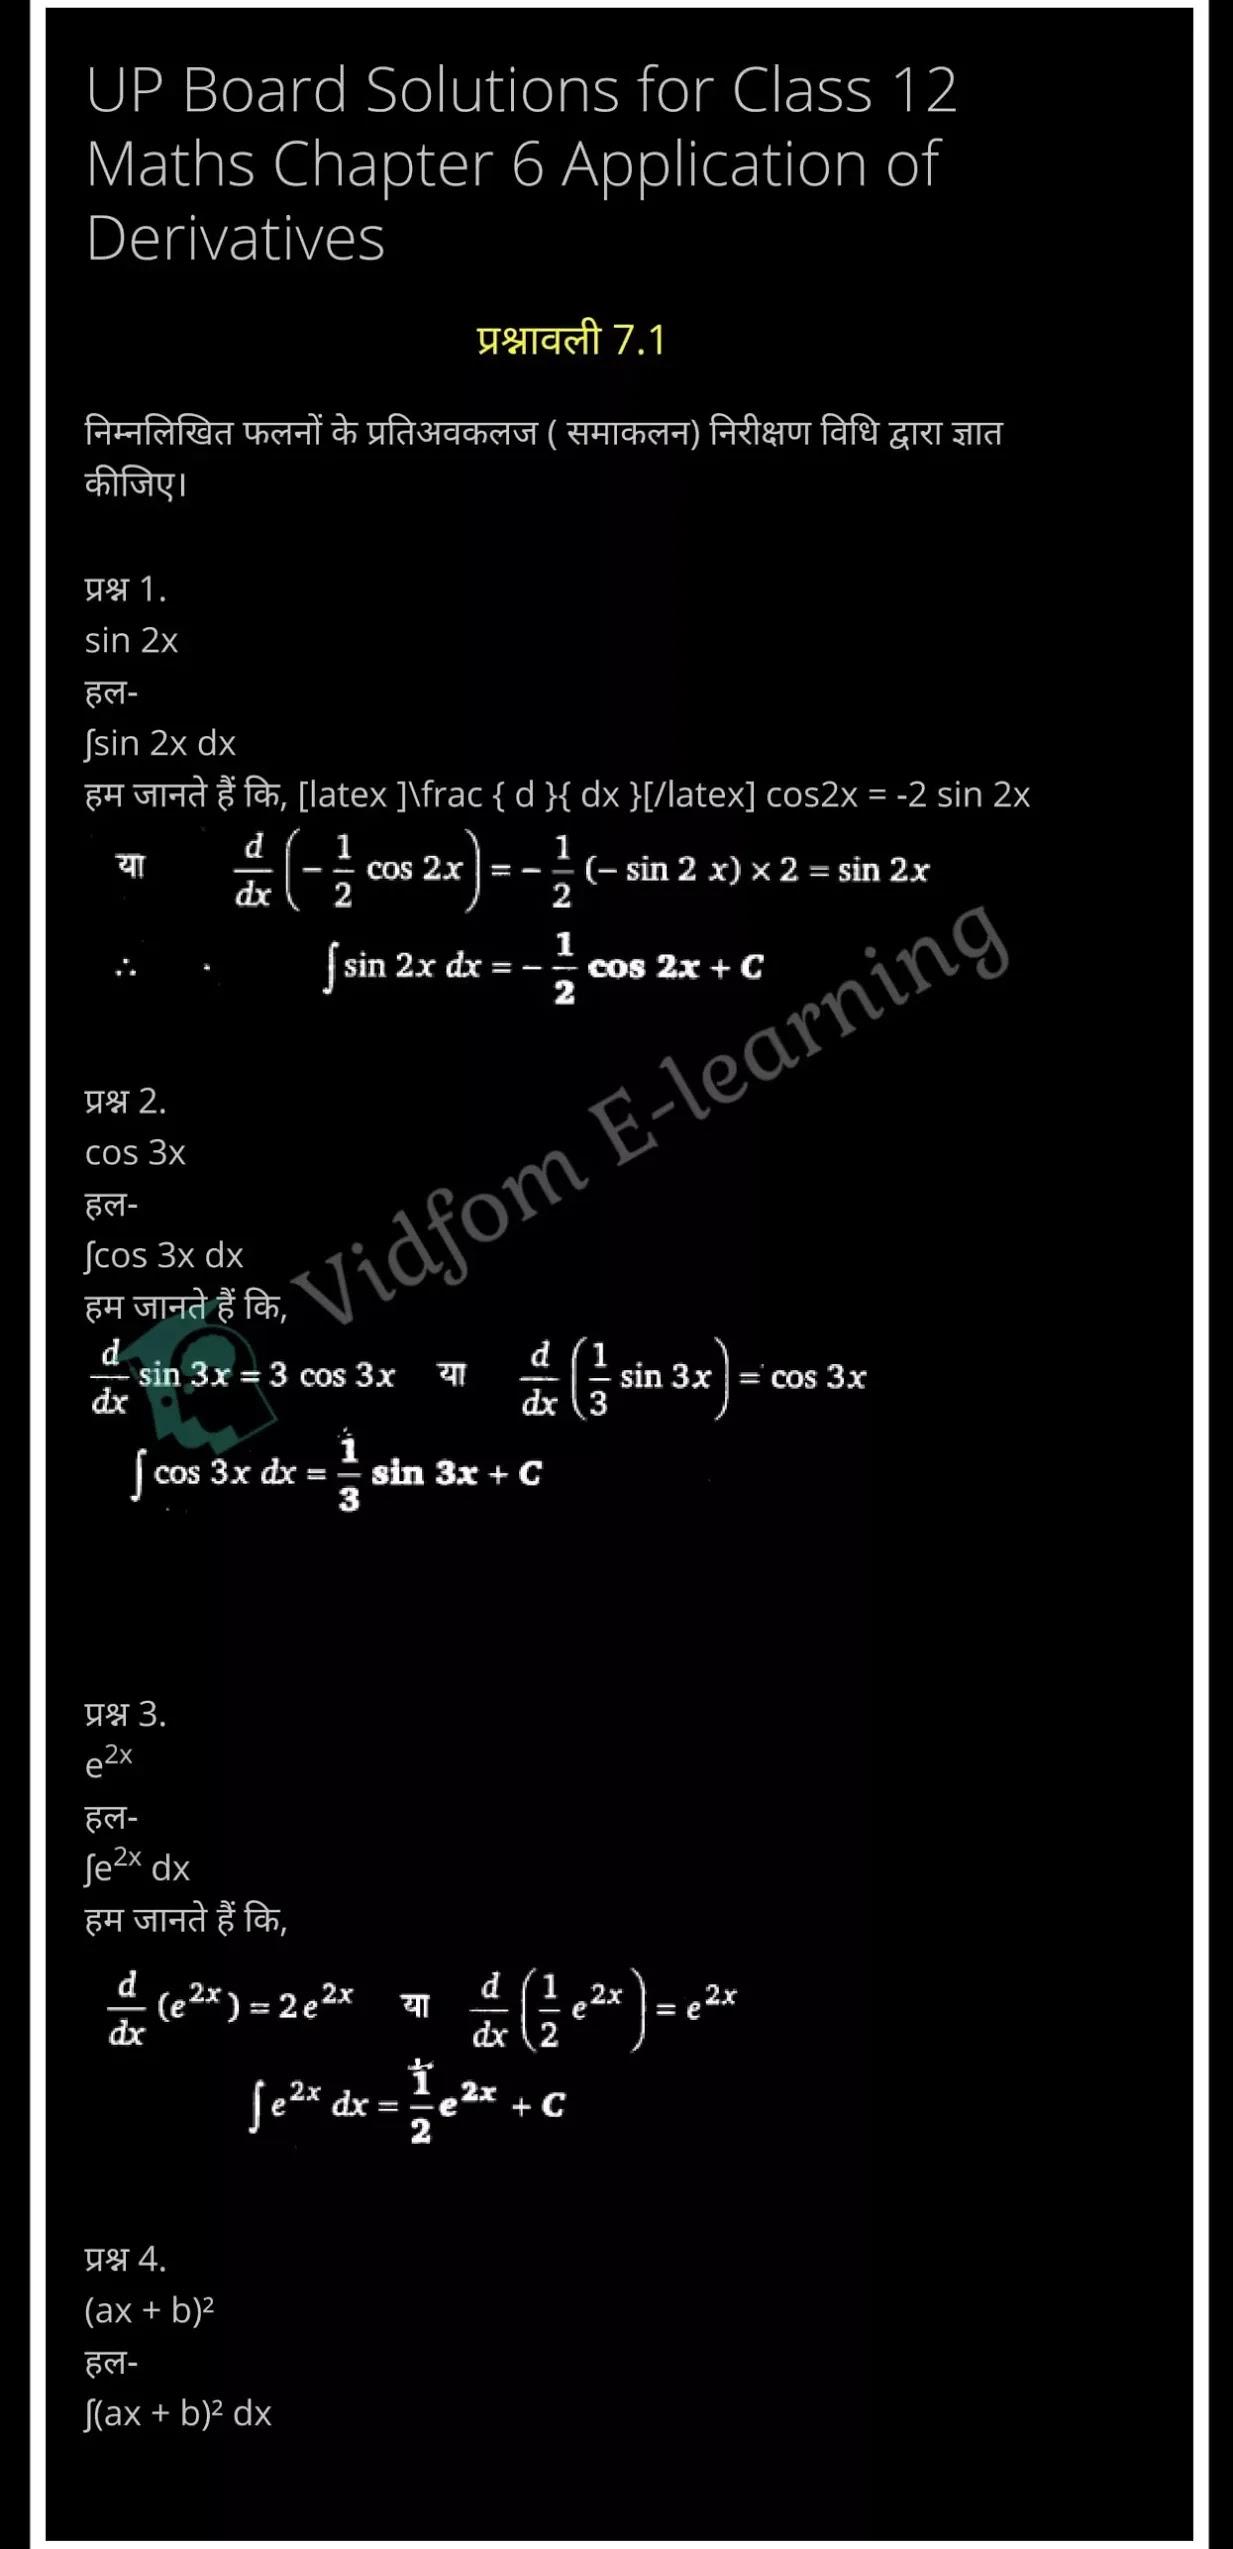 कक्षा 12 गणित अध्याय 7 के नोट्स